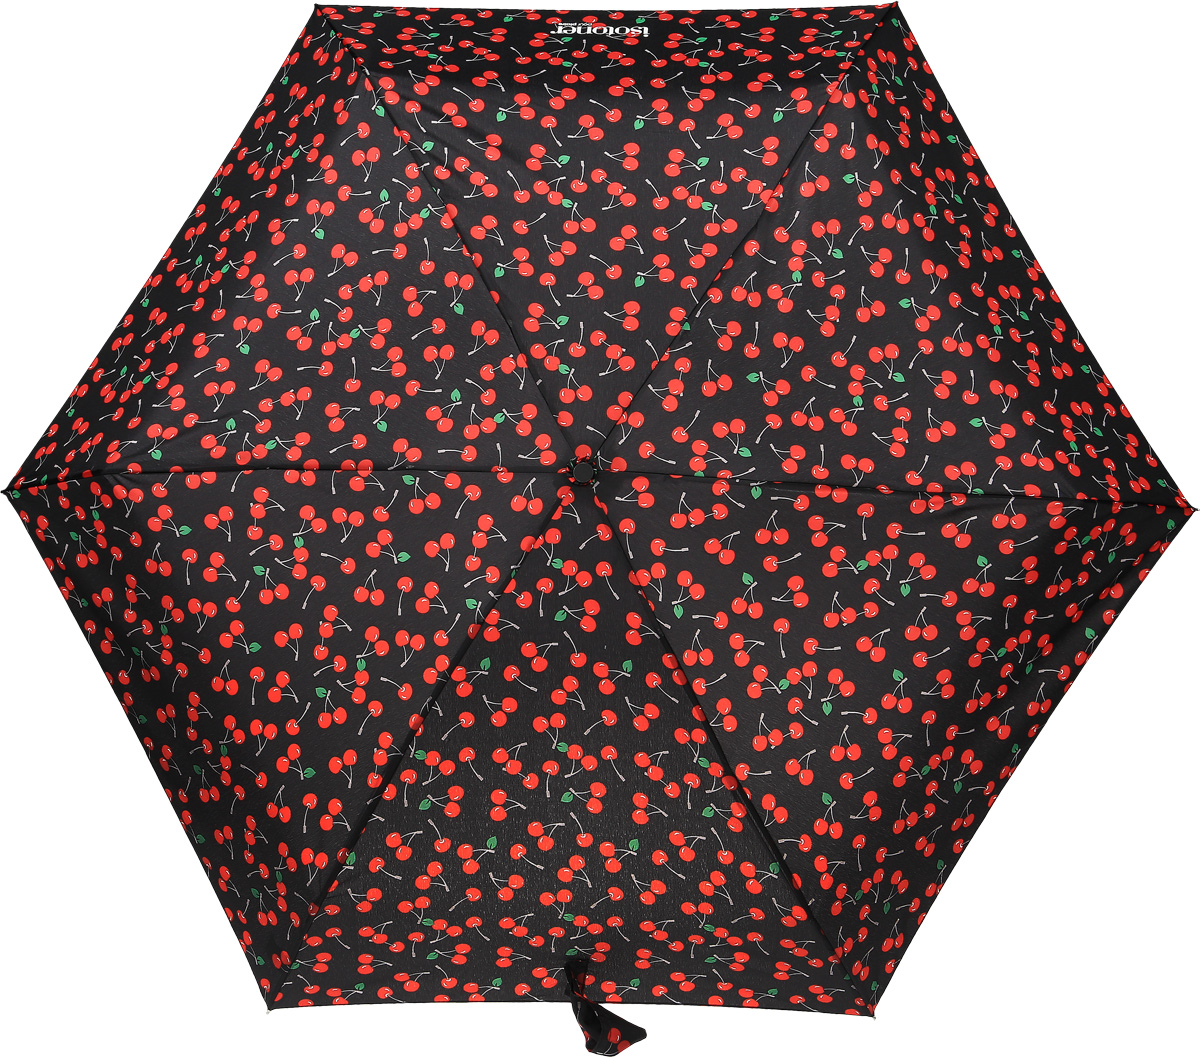 Зонт женский Isotoner Гламурная вишня, механический, 5 сложений, цвет: черный, красный. 09137-3614YY-11678-3Компактный женский зонт Isotoner изготовлен из металла и пластика. Каркас зонта на прочном металлическом стержне. Купол зонта изготовлен качественного полиэстера. Закрытый купол застегивается на липучку хлястиком. Практичная рукоятка закругленной формы разработана с учетом требований эргономики.Зонт складывается и раскладывается механическим способом.Такой зонт не только надежно защитит от дождя, но и станет стильным аксессуаром.